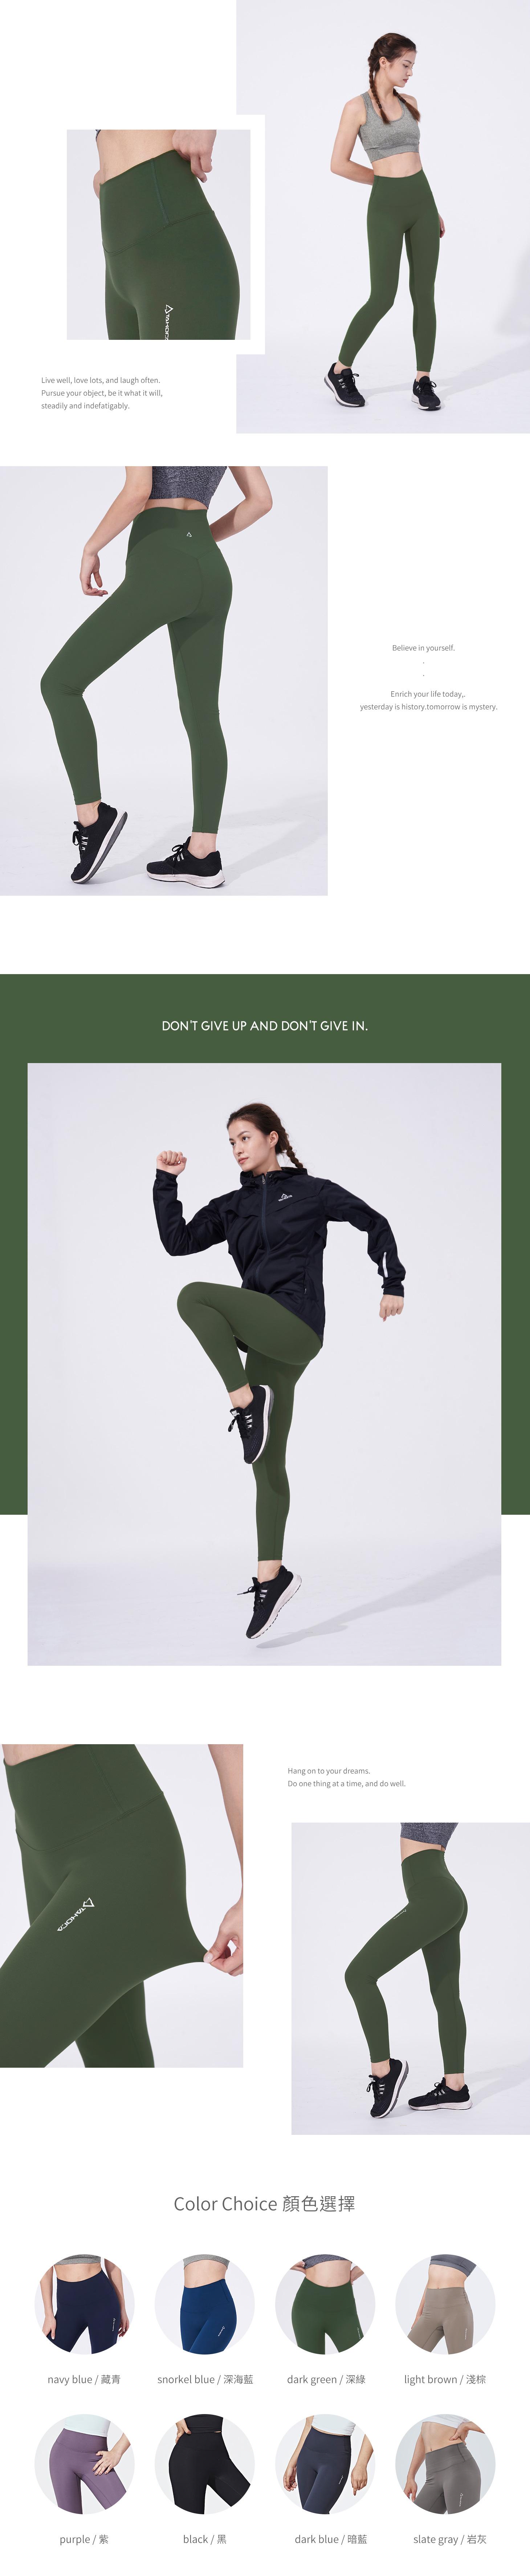 輕量彈力緊身瑜珈褲 深綠色